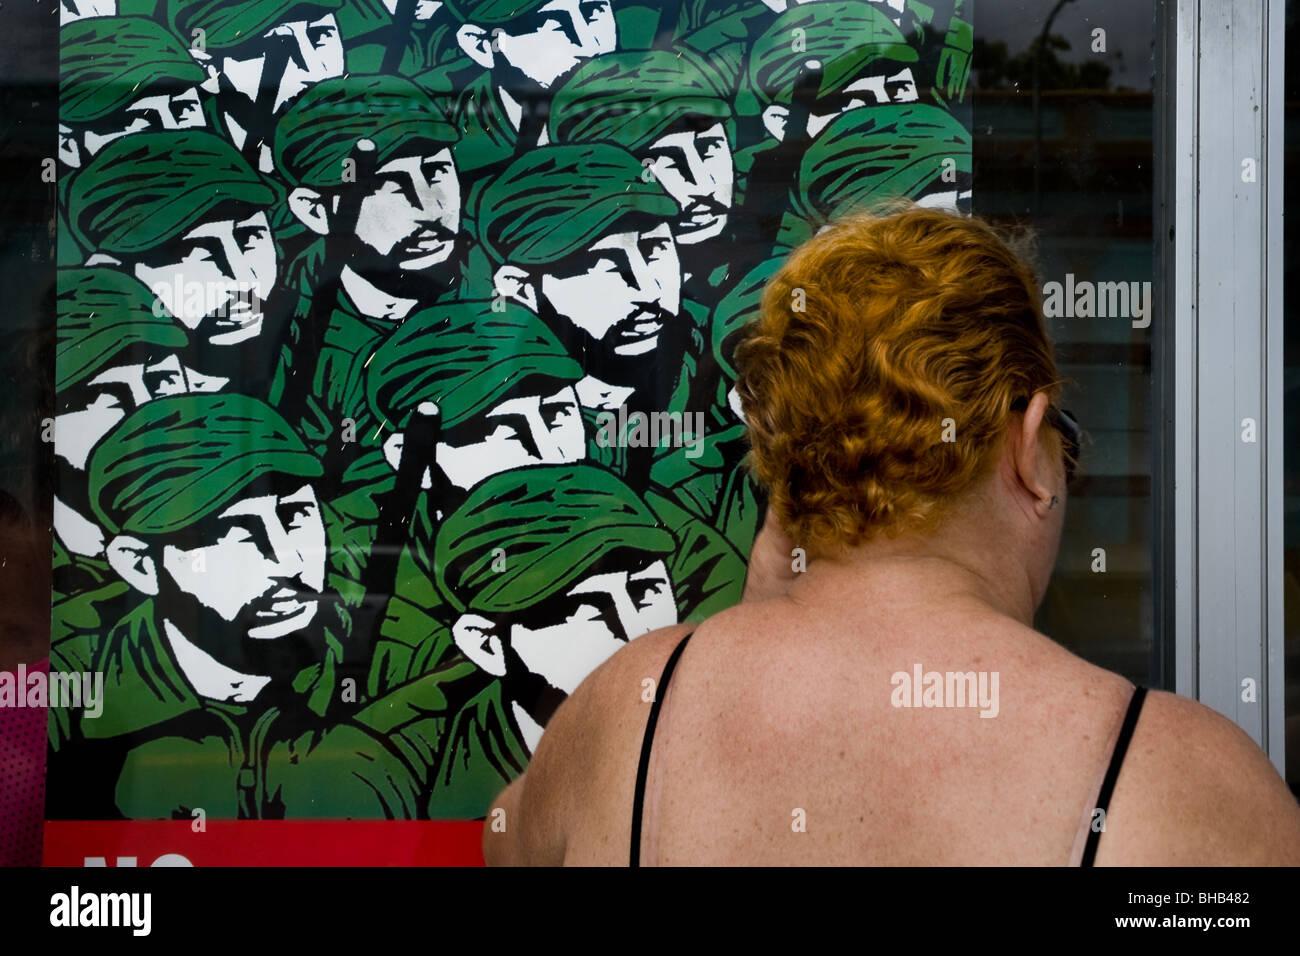 Eine kubanische Frau Blick durch ein Schaufenster von Fidel Castros Propagandaplakat in Santiago De Cuba, Kuba abgedeckt. Stockbild